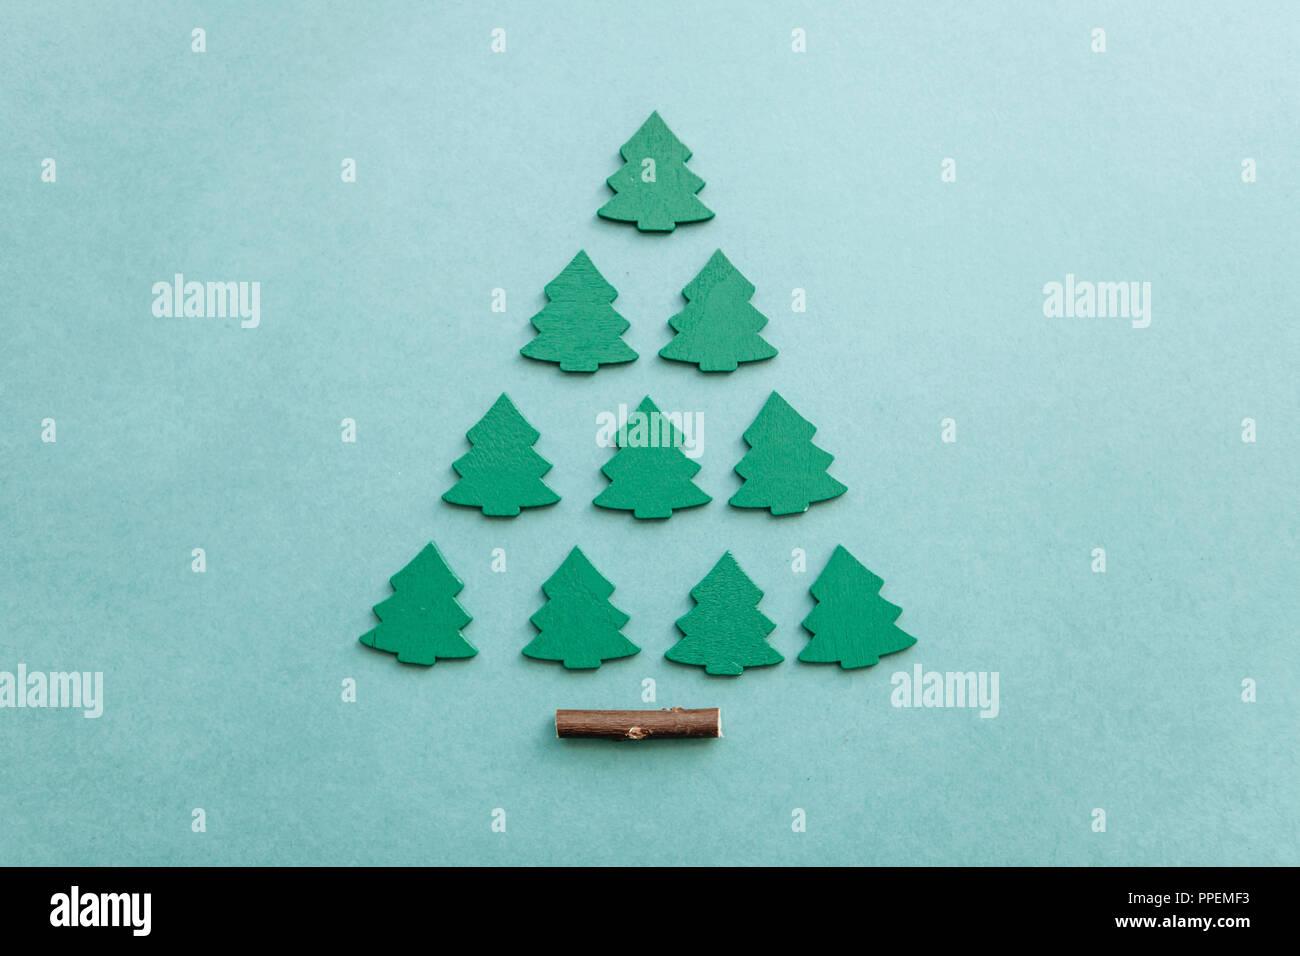 Kreative idee im minimalistischen stil für weihnachten oder neujahr